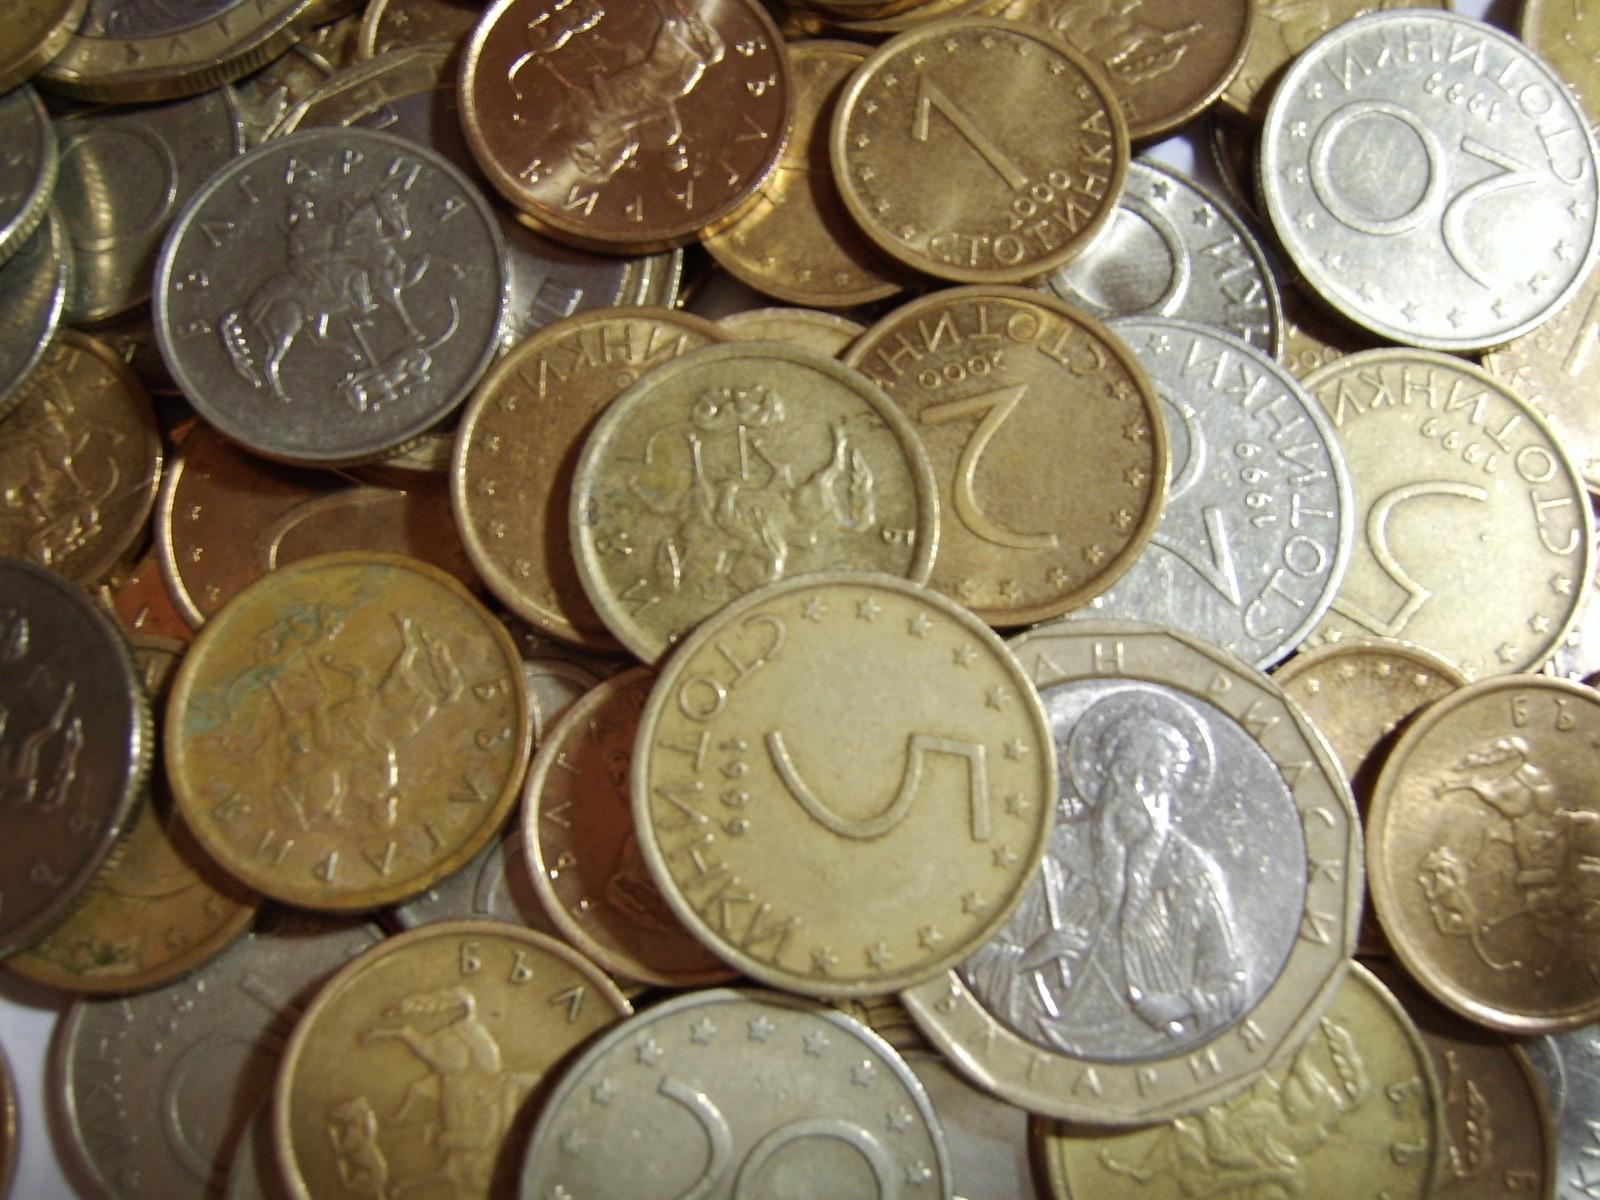 money-1424610-1600x1200